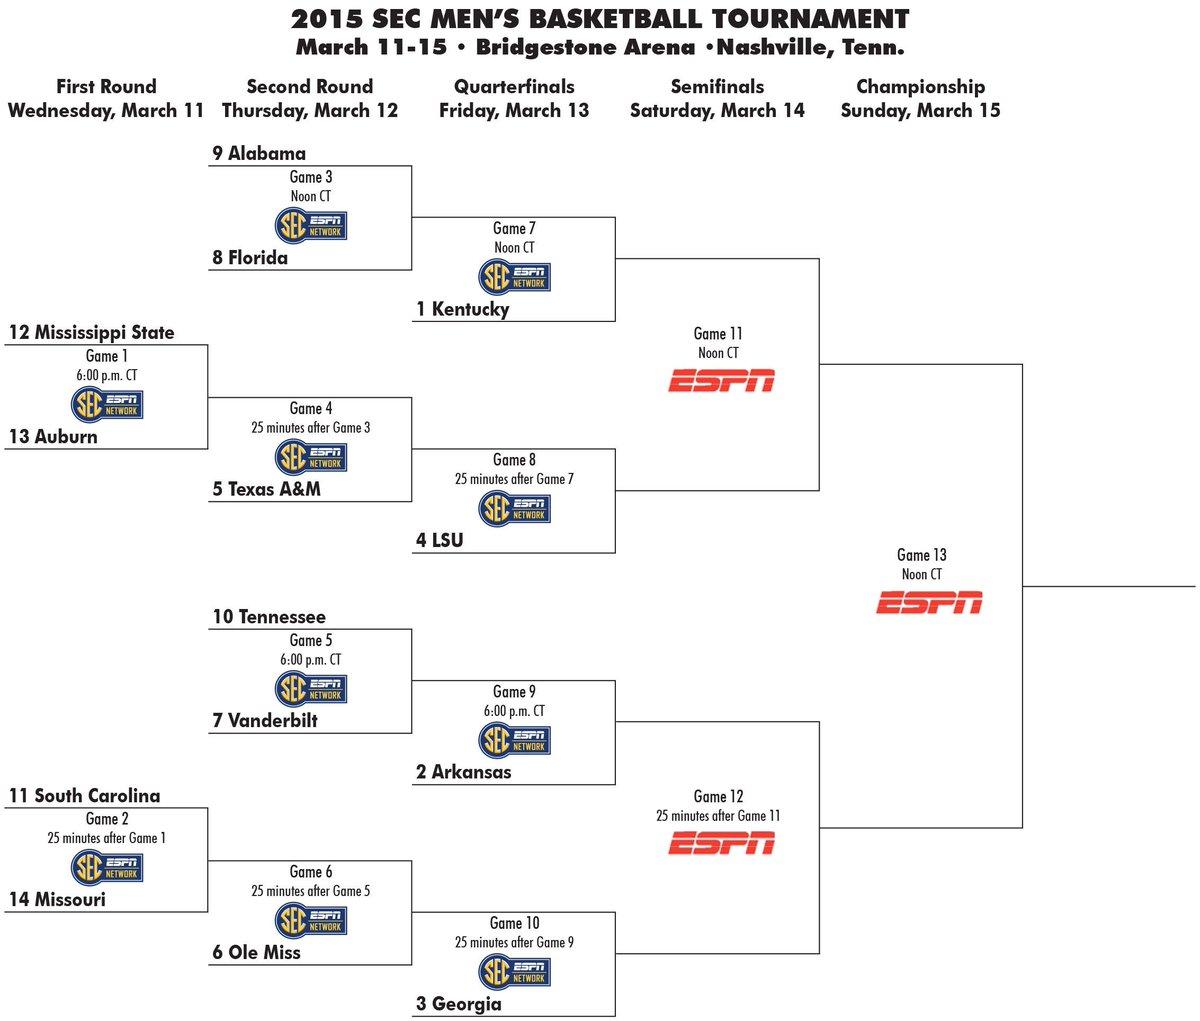 2015 SEC Men's Basketball Tournament bracket http://t.co/mhXhaXsn9v